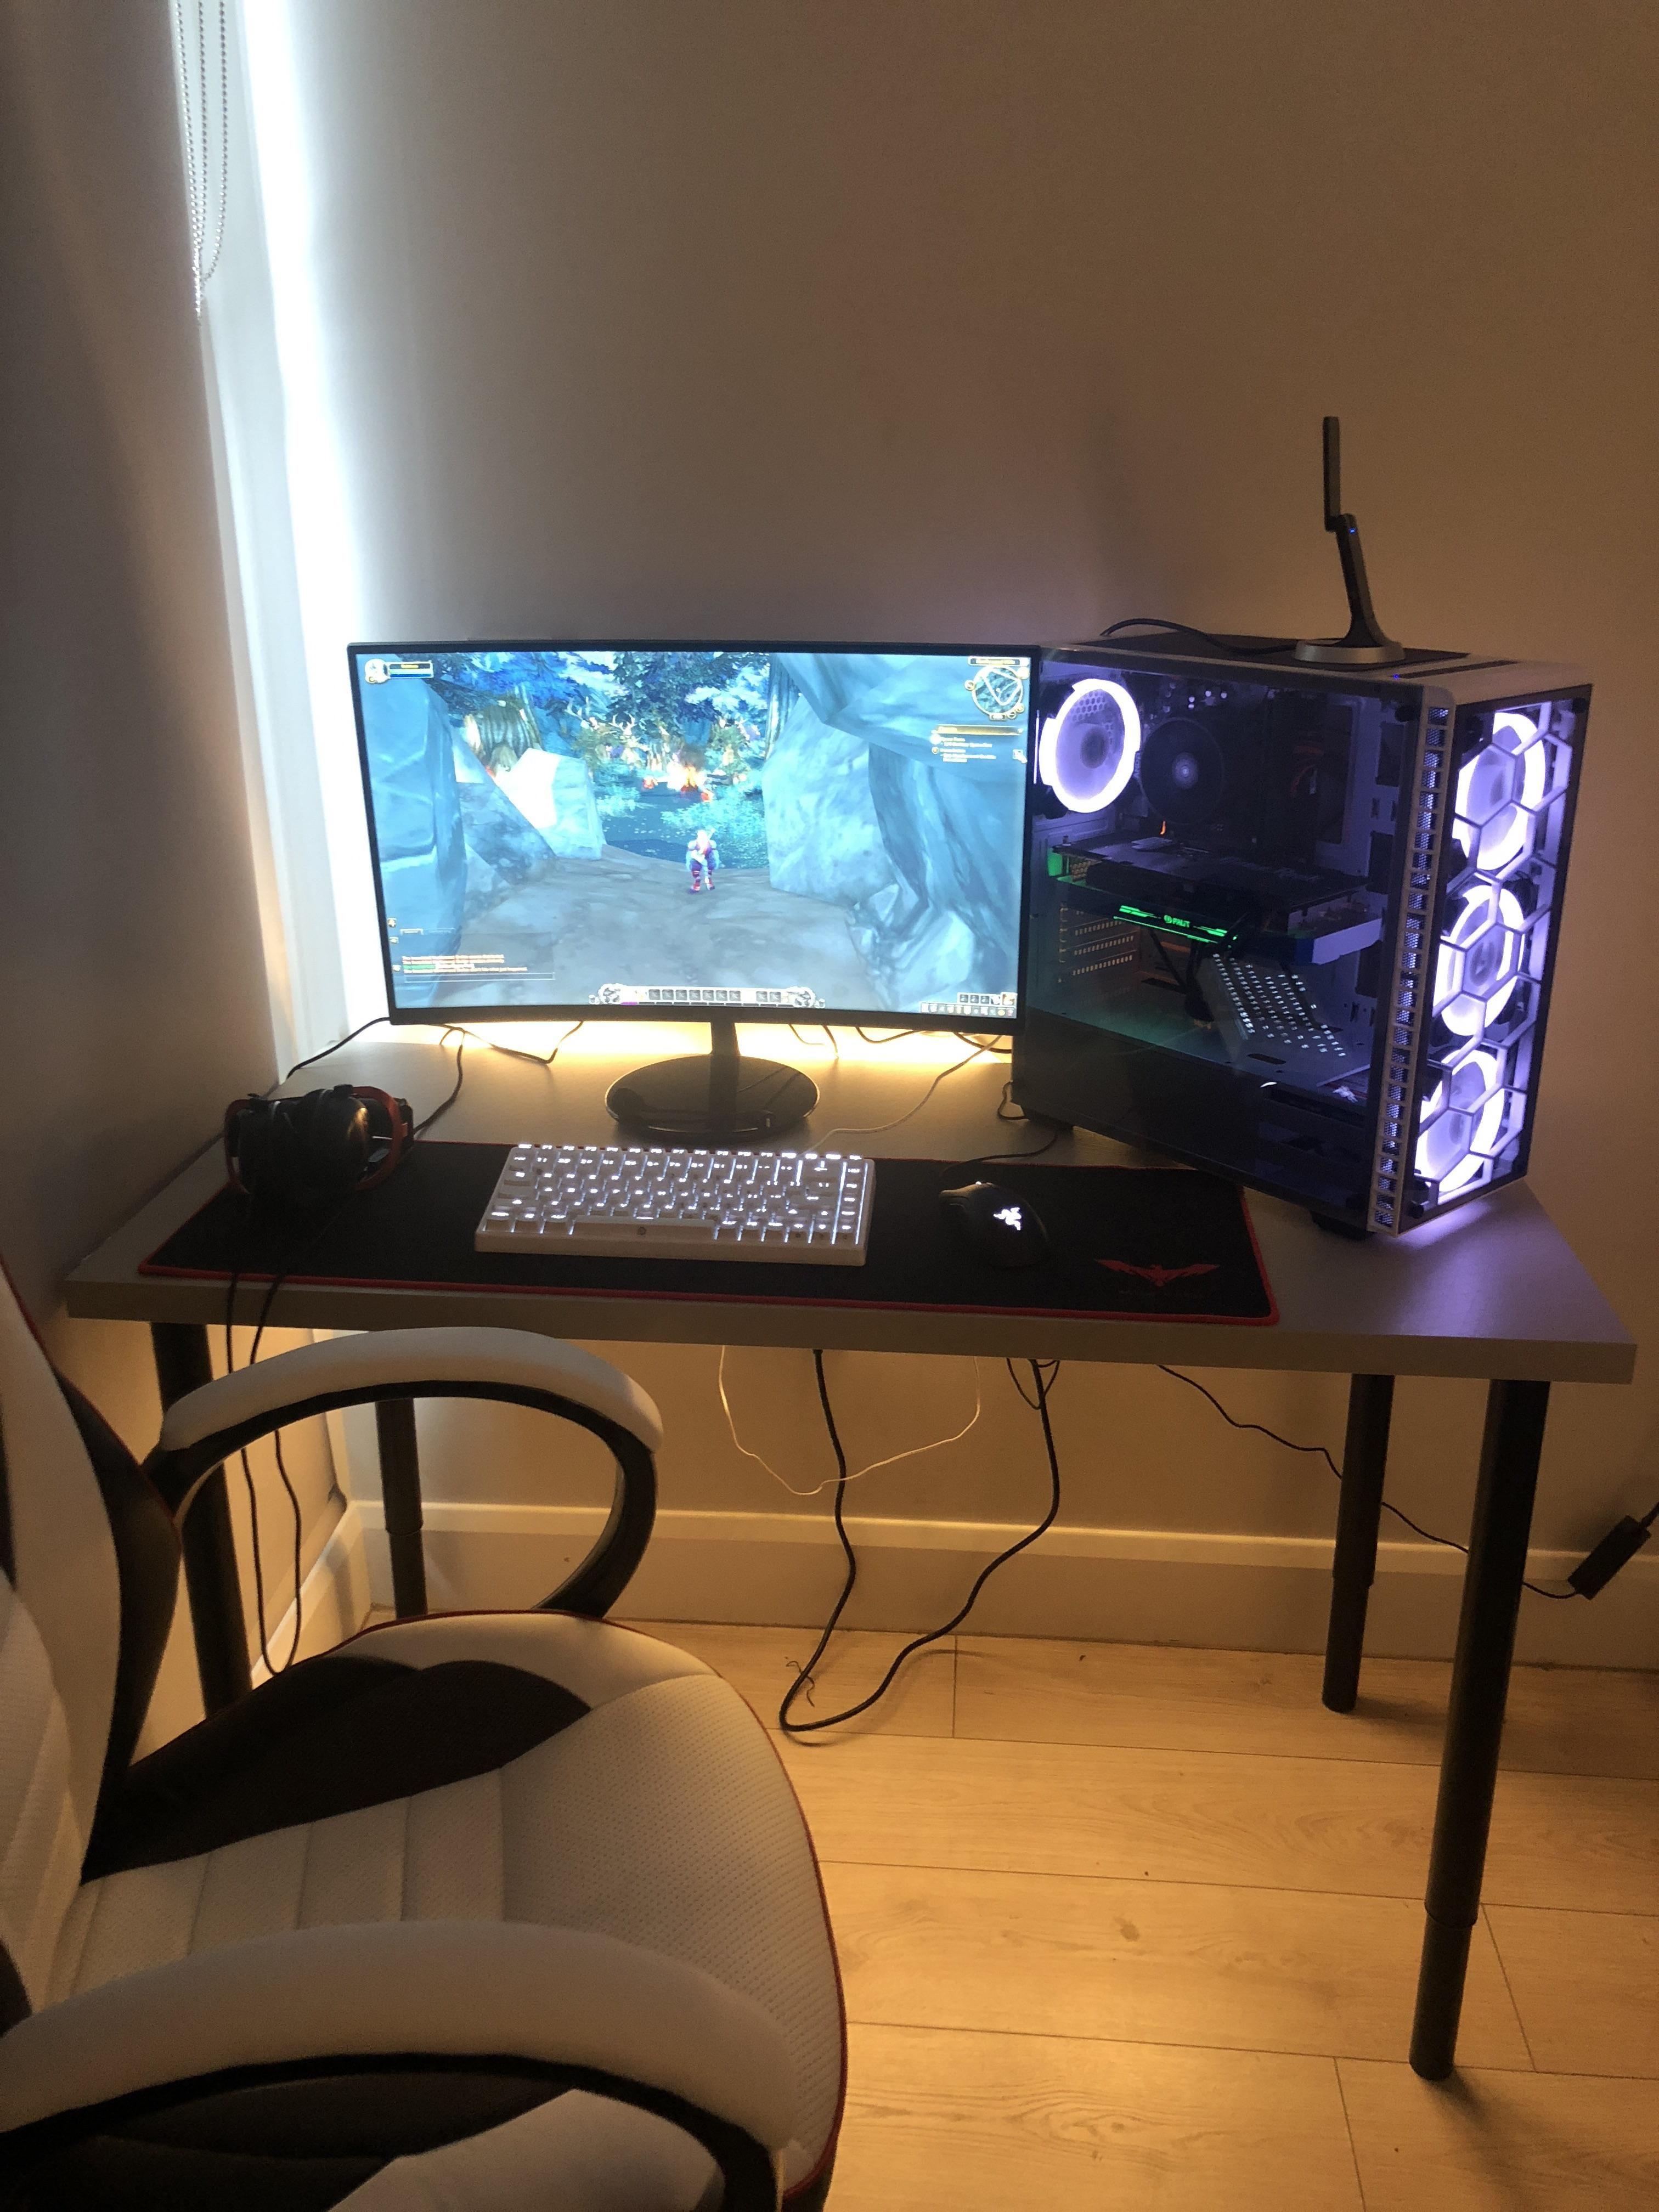 - 826 Best Desk Setup Images In 2020 Desk Setup, Room Setup, Setup